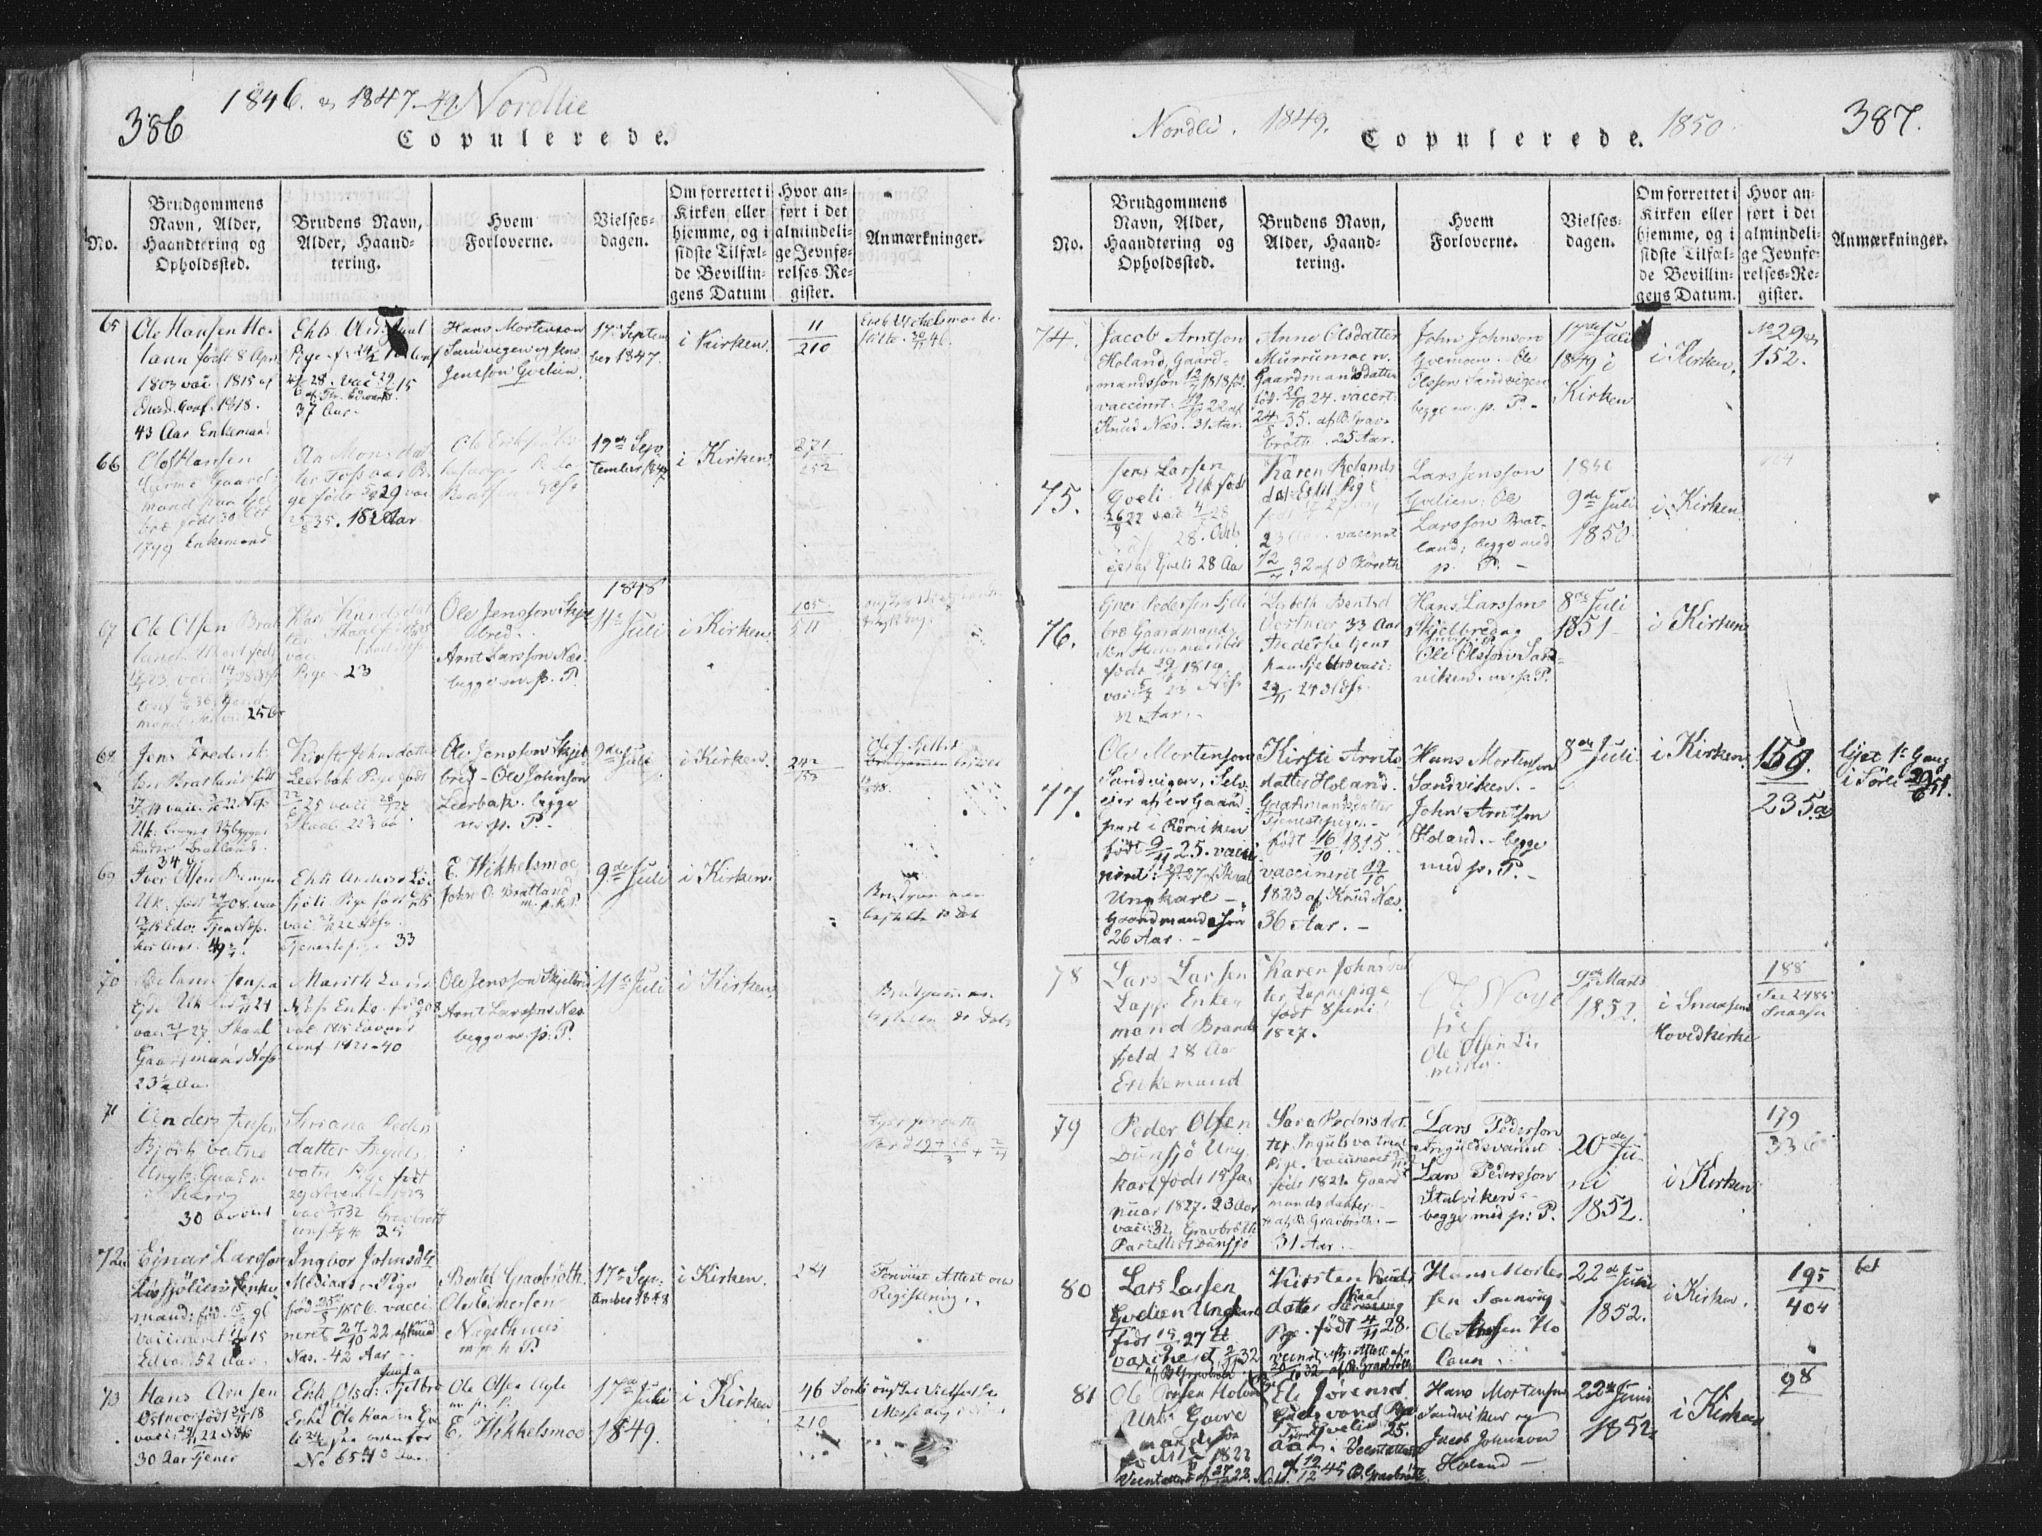 SAT, Ministerialprotokoller, klokkerbøker og fødselsregistre - Nord-Trøndelag, 755/L0491: Ministerialbok nr. 755A01 /1, 1817-1864, s. 386-387